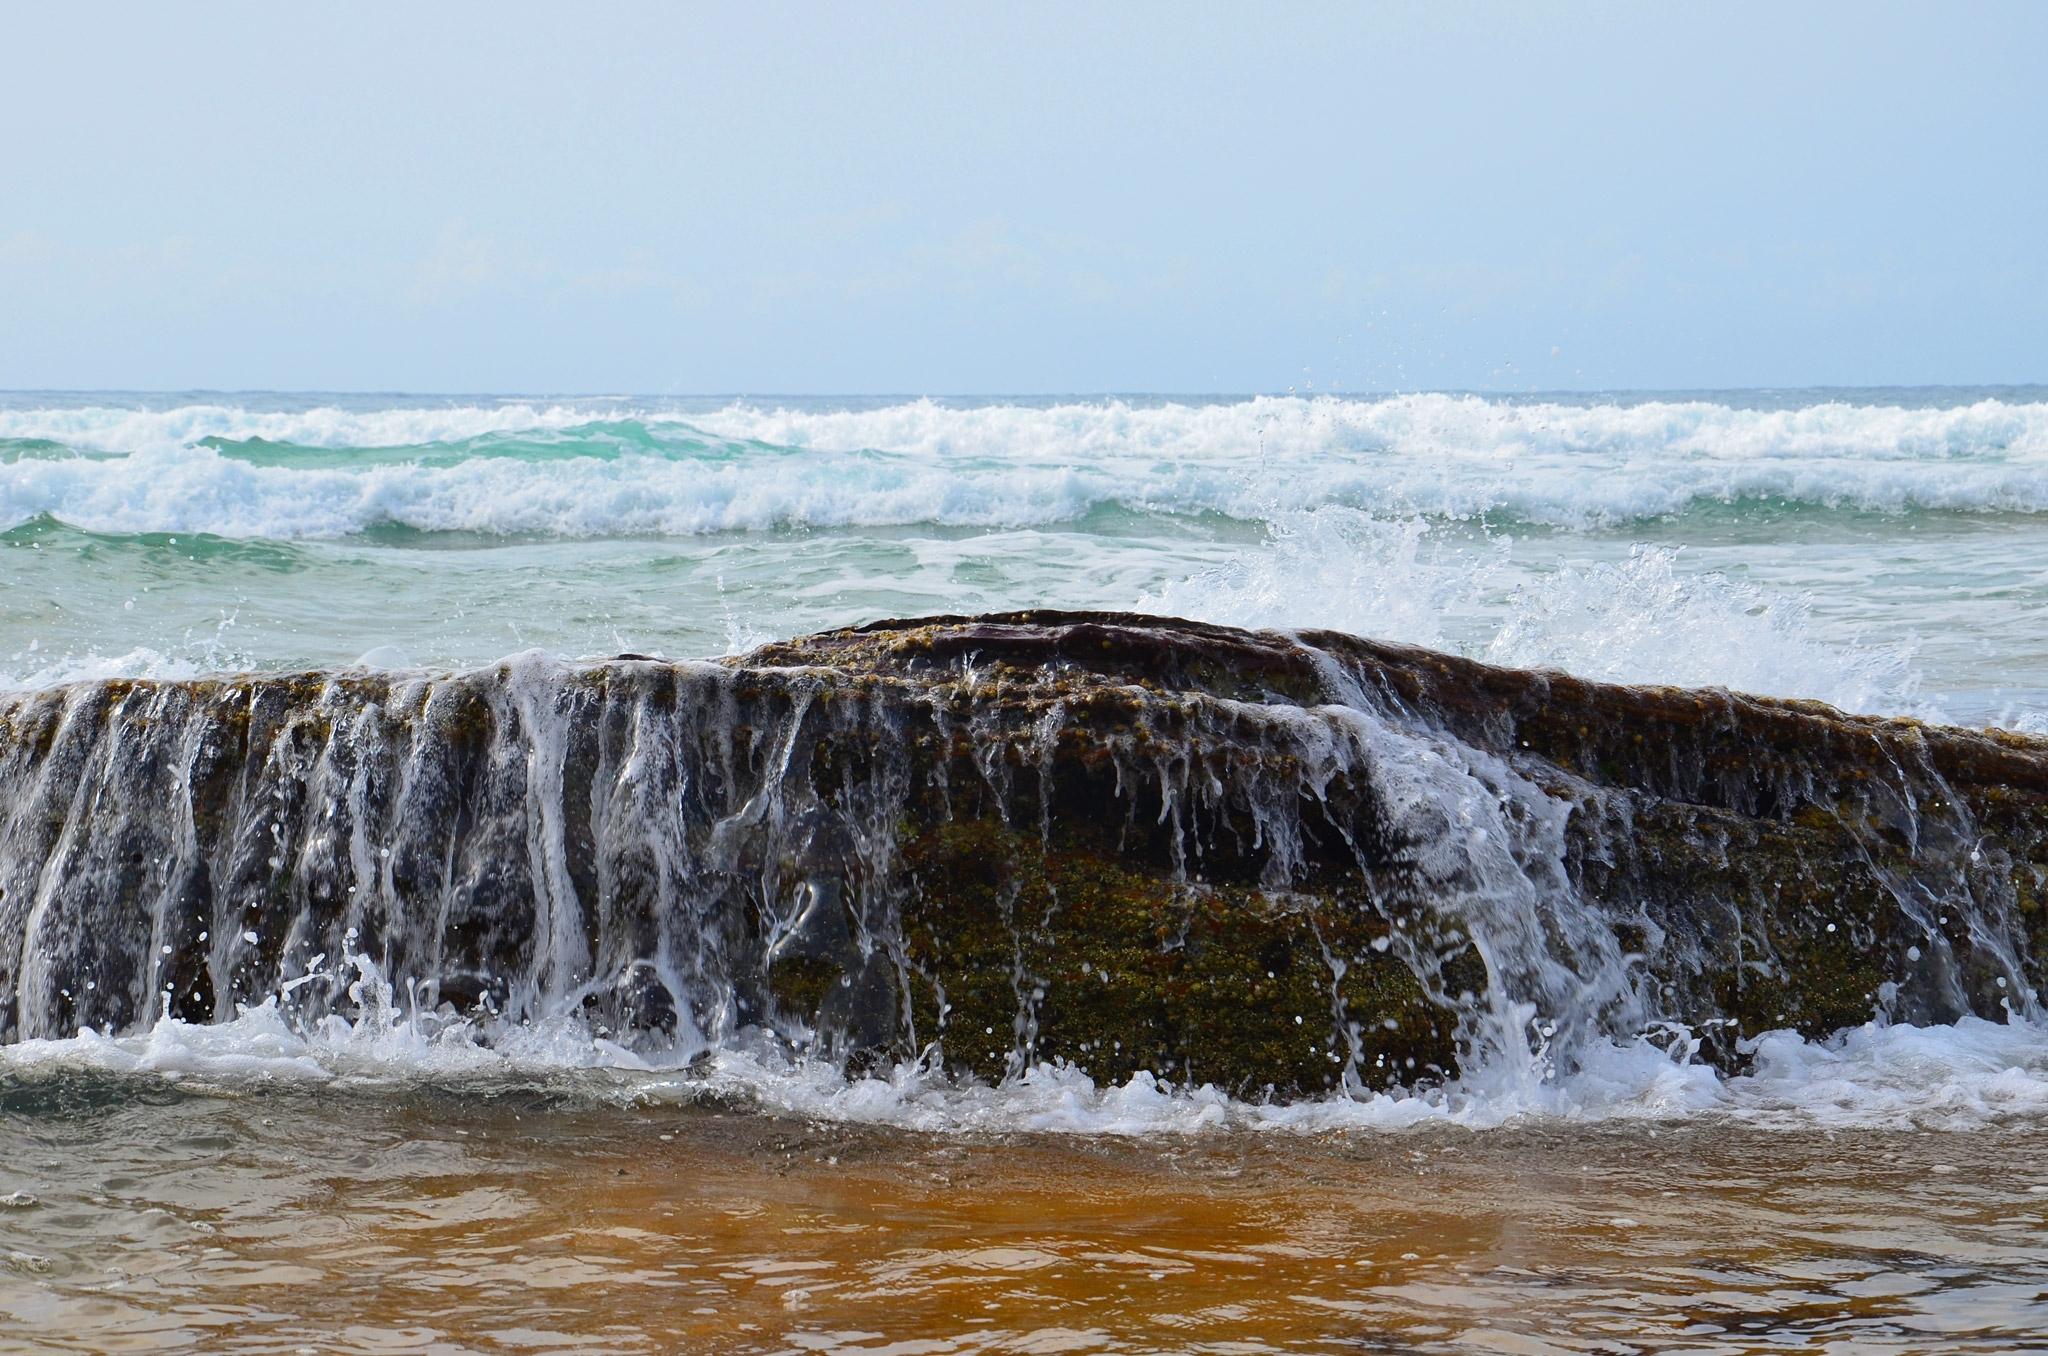 Bilgola Beach - Image ©2014 ManlyAustralia.com